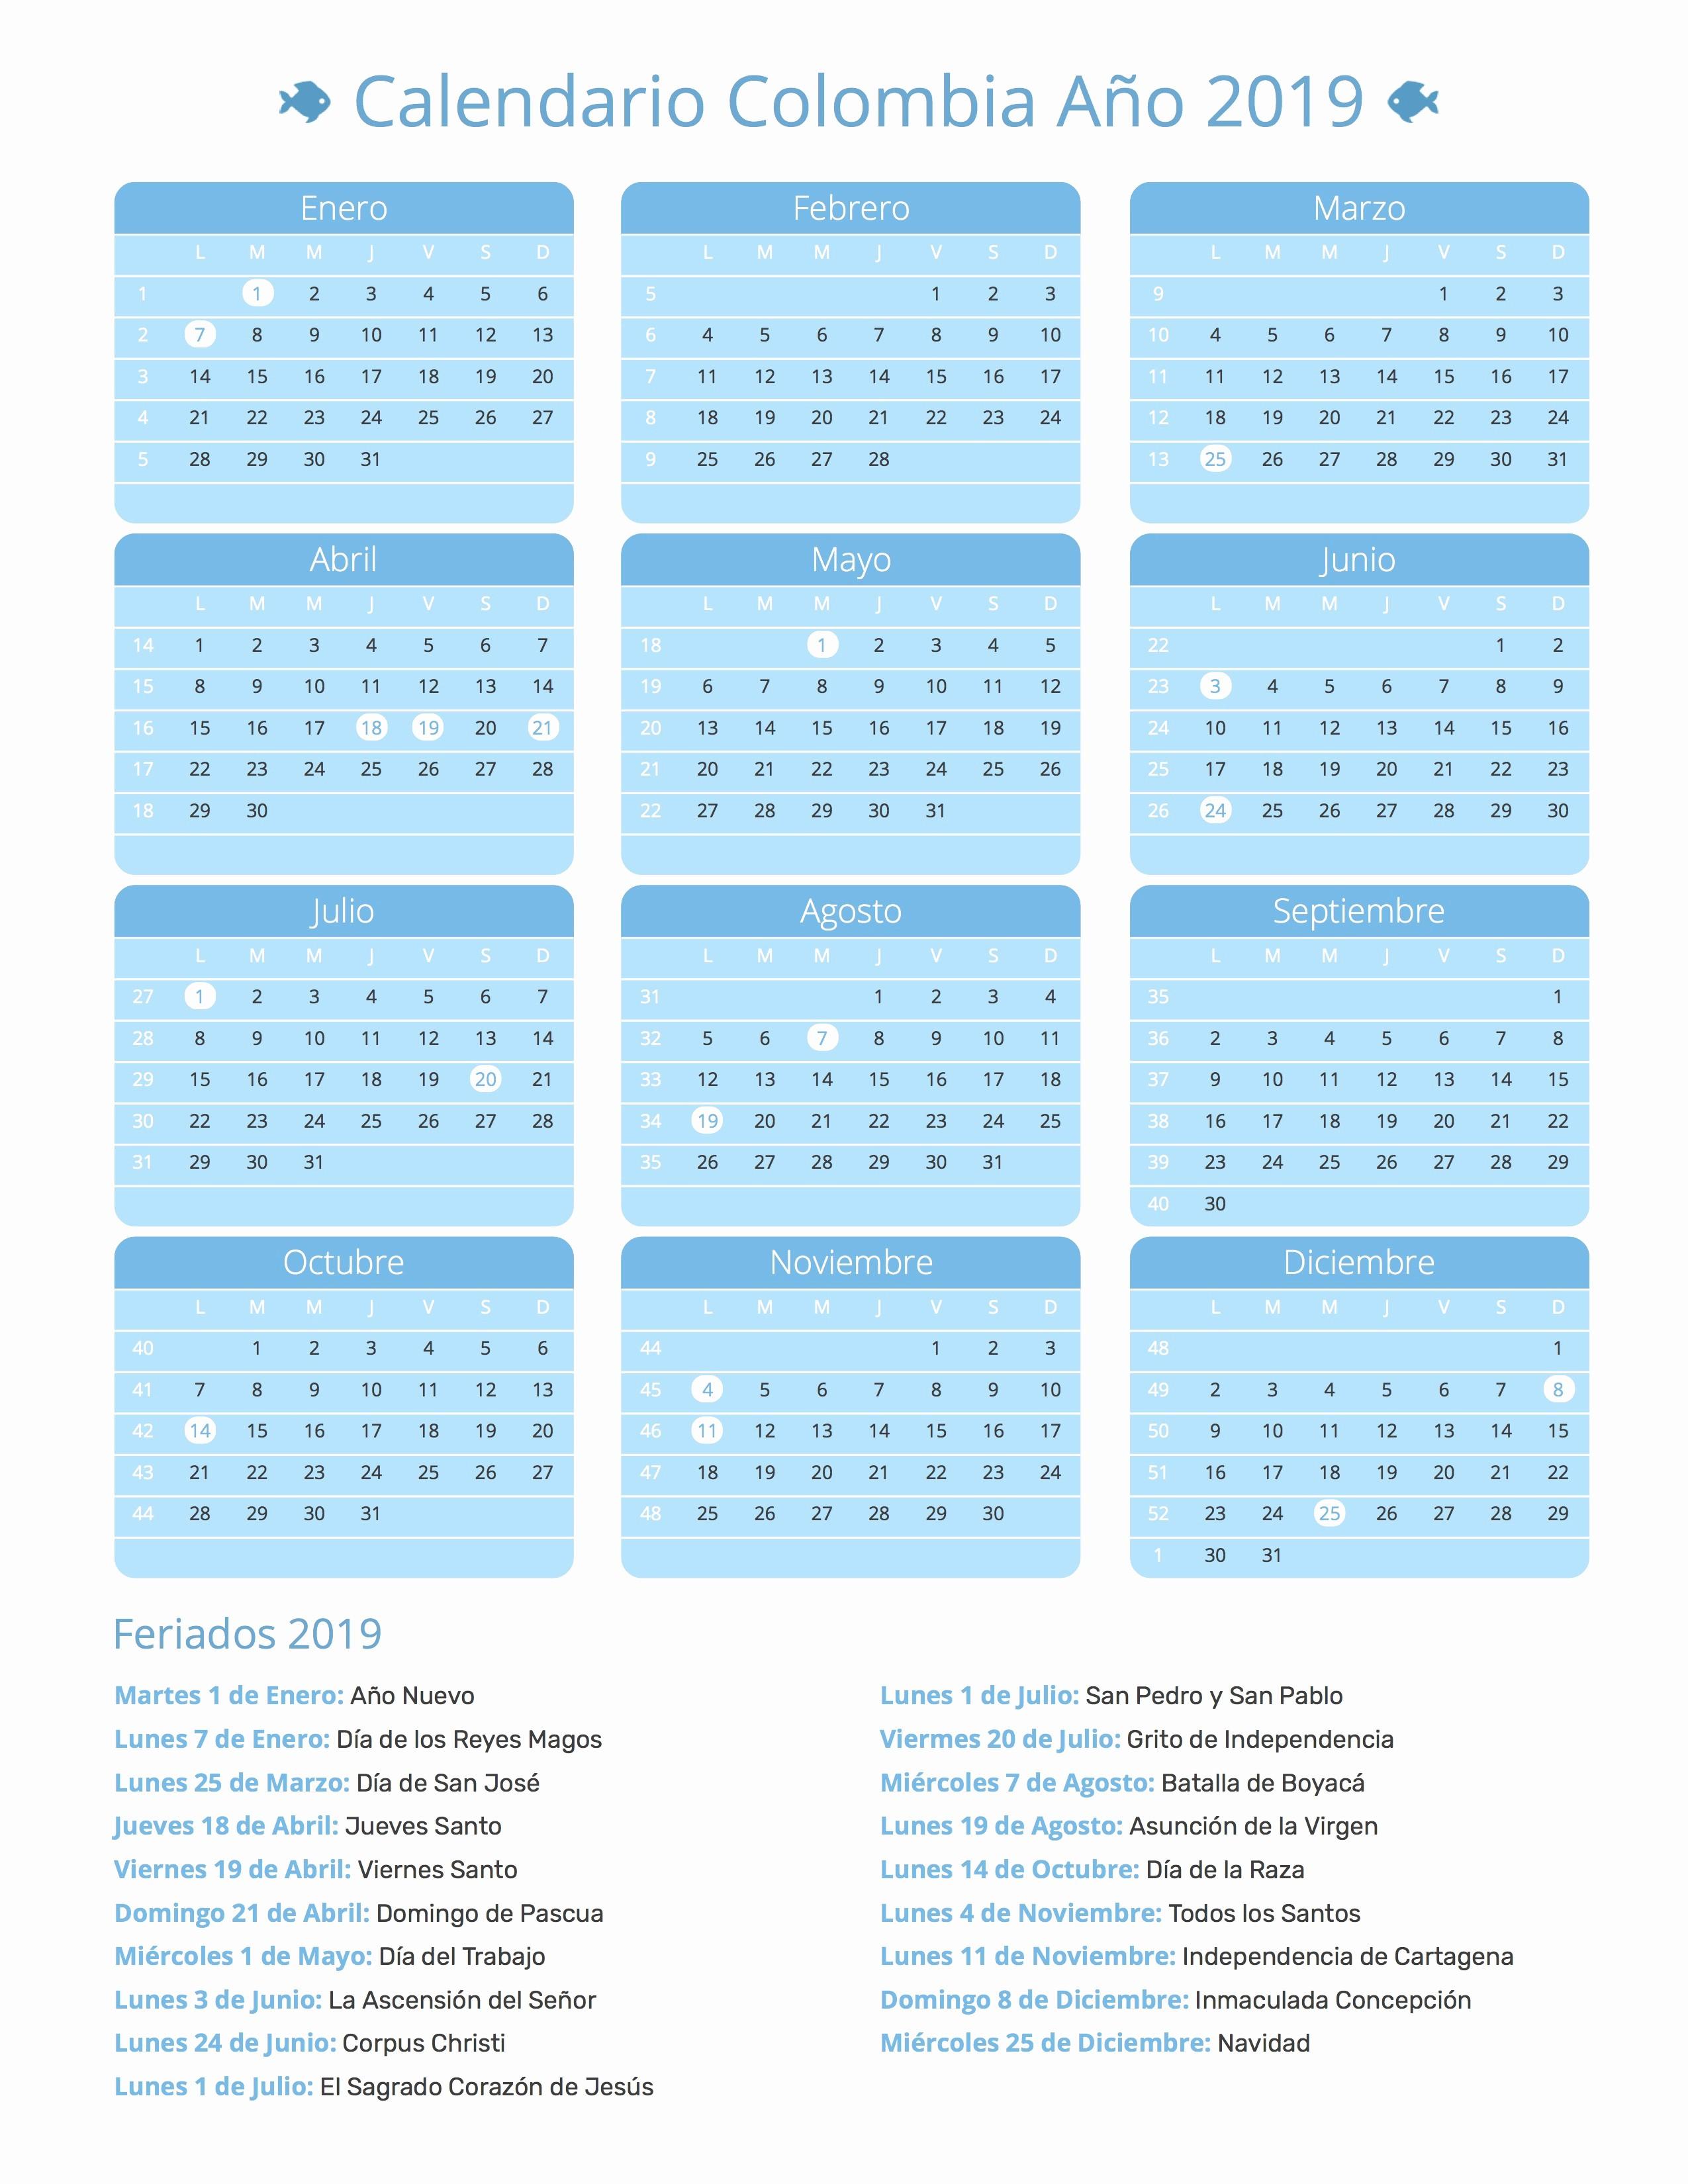 Calendario Enero 2019 Colombia Festivos Más Arriba-a-fecha Beautiful 33 Ejemplos Runedia Calendario De Carreras 2019 Of Calendario Enero 2019 Colombia Festivos Más Actual Diario 21 12 2018